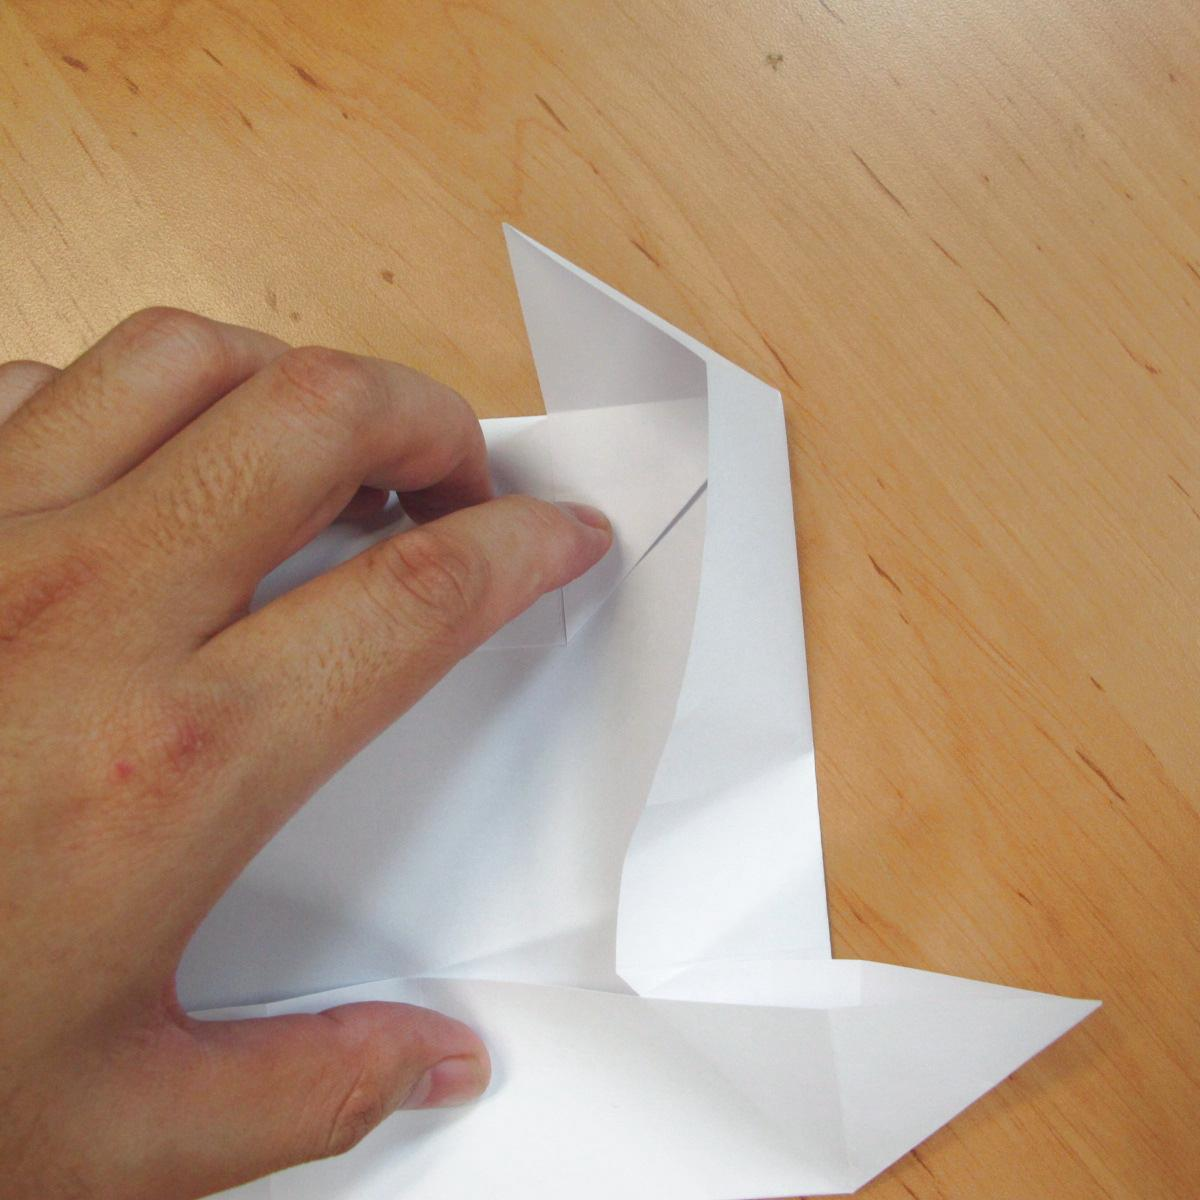 สอนการพับกระดาษเป็นที่ใส่ของรูปกลีบกุหลาบ (Rose box origami) 028